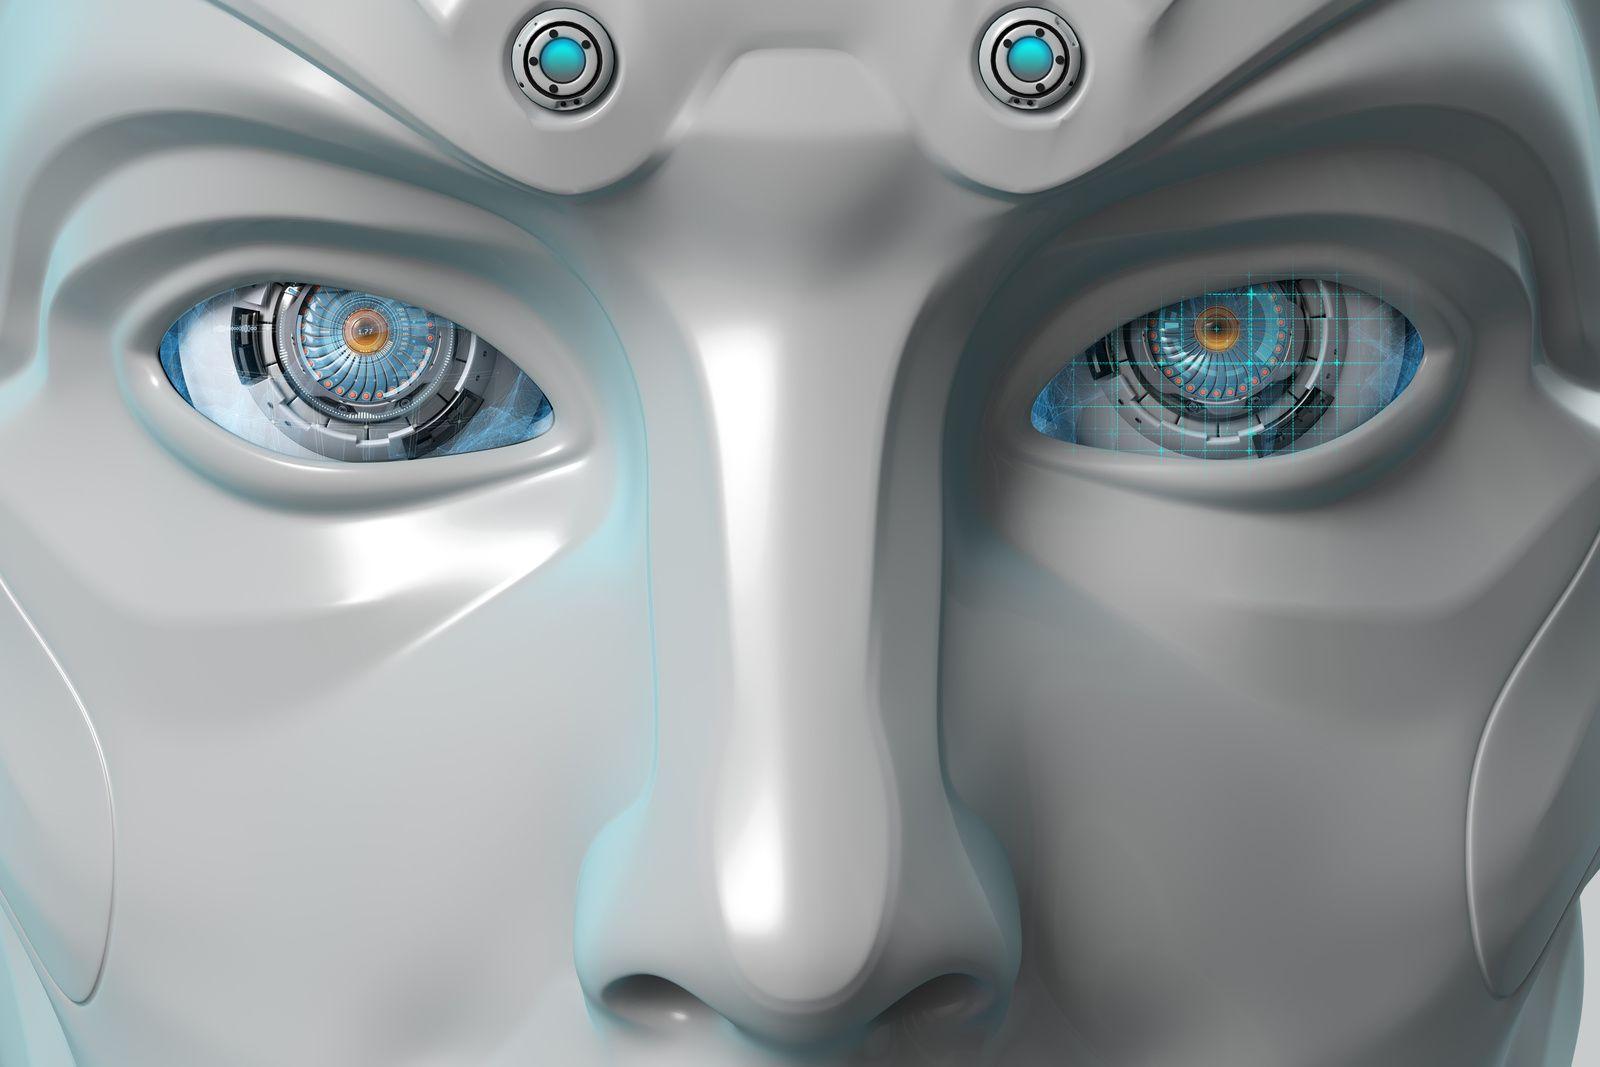 Le futur des images - ©Shutterstock - www.shutterstock.com/fr/ pour toutes les images présentées.